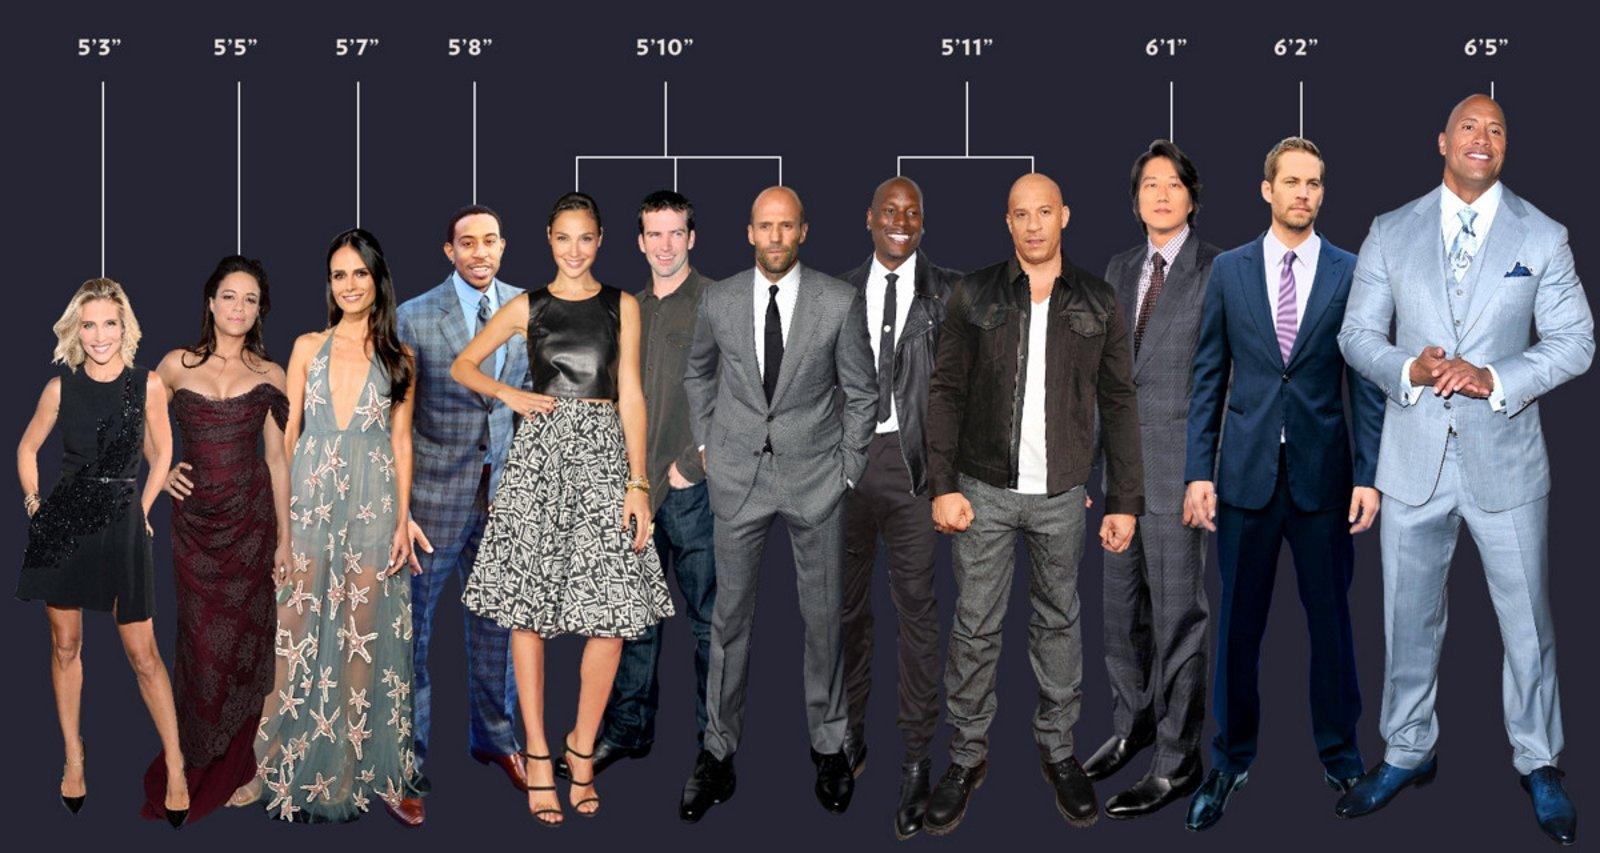 картинка сравнение актеров по росту и весу сайта